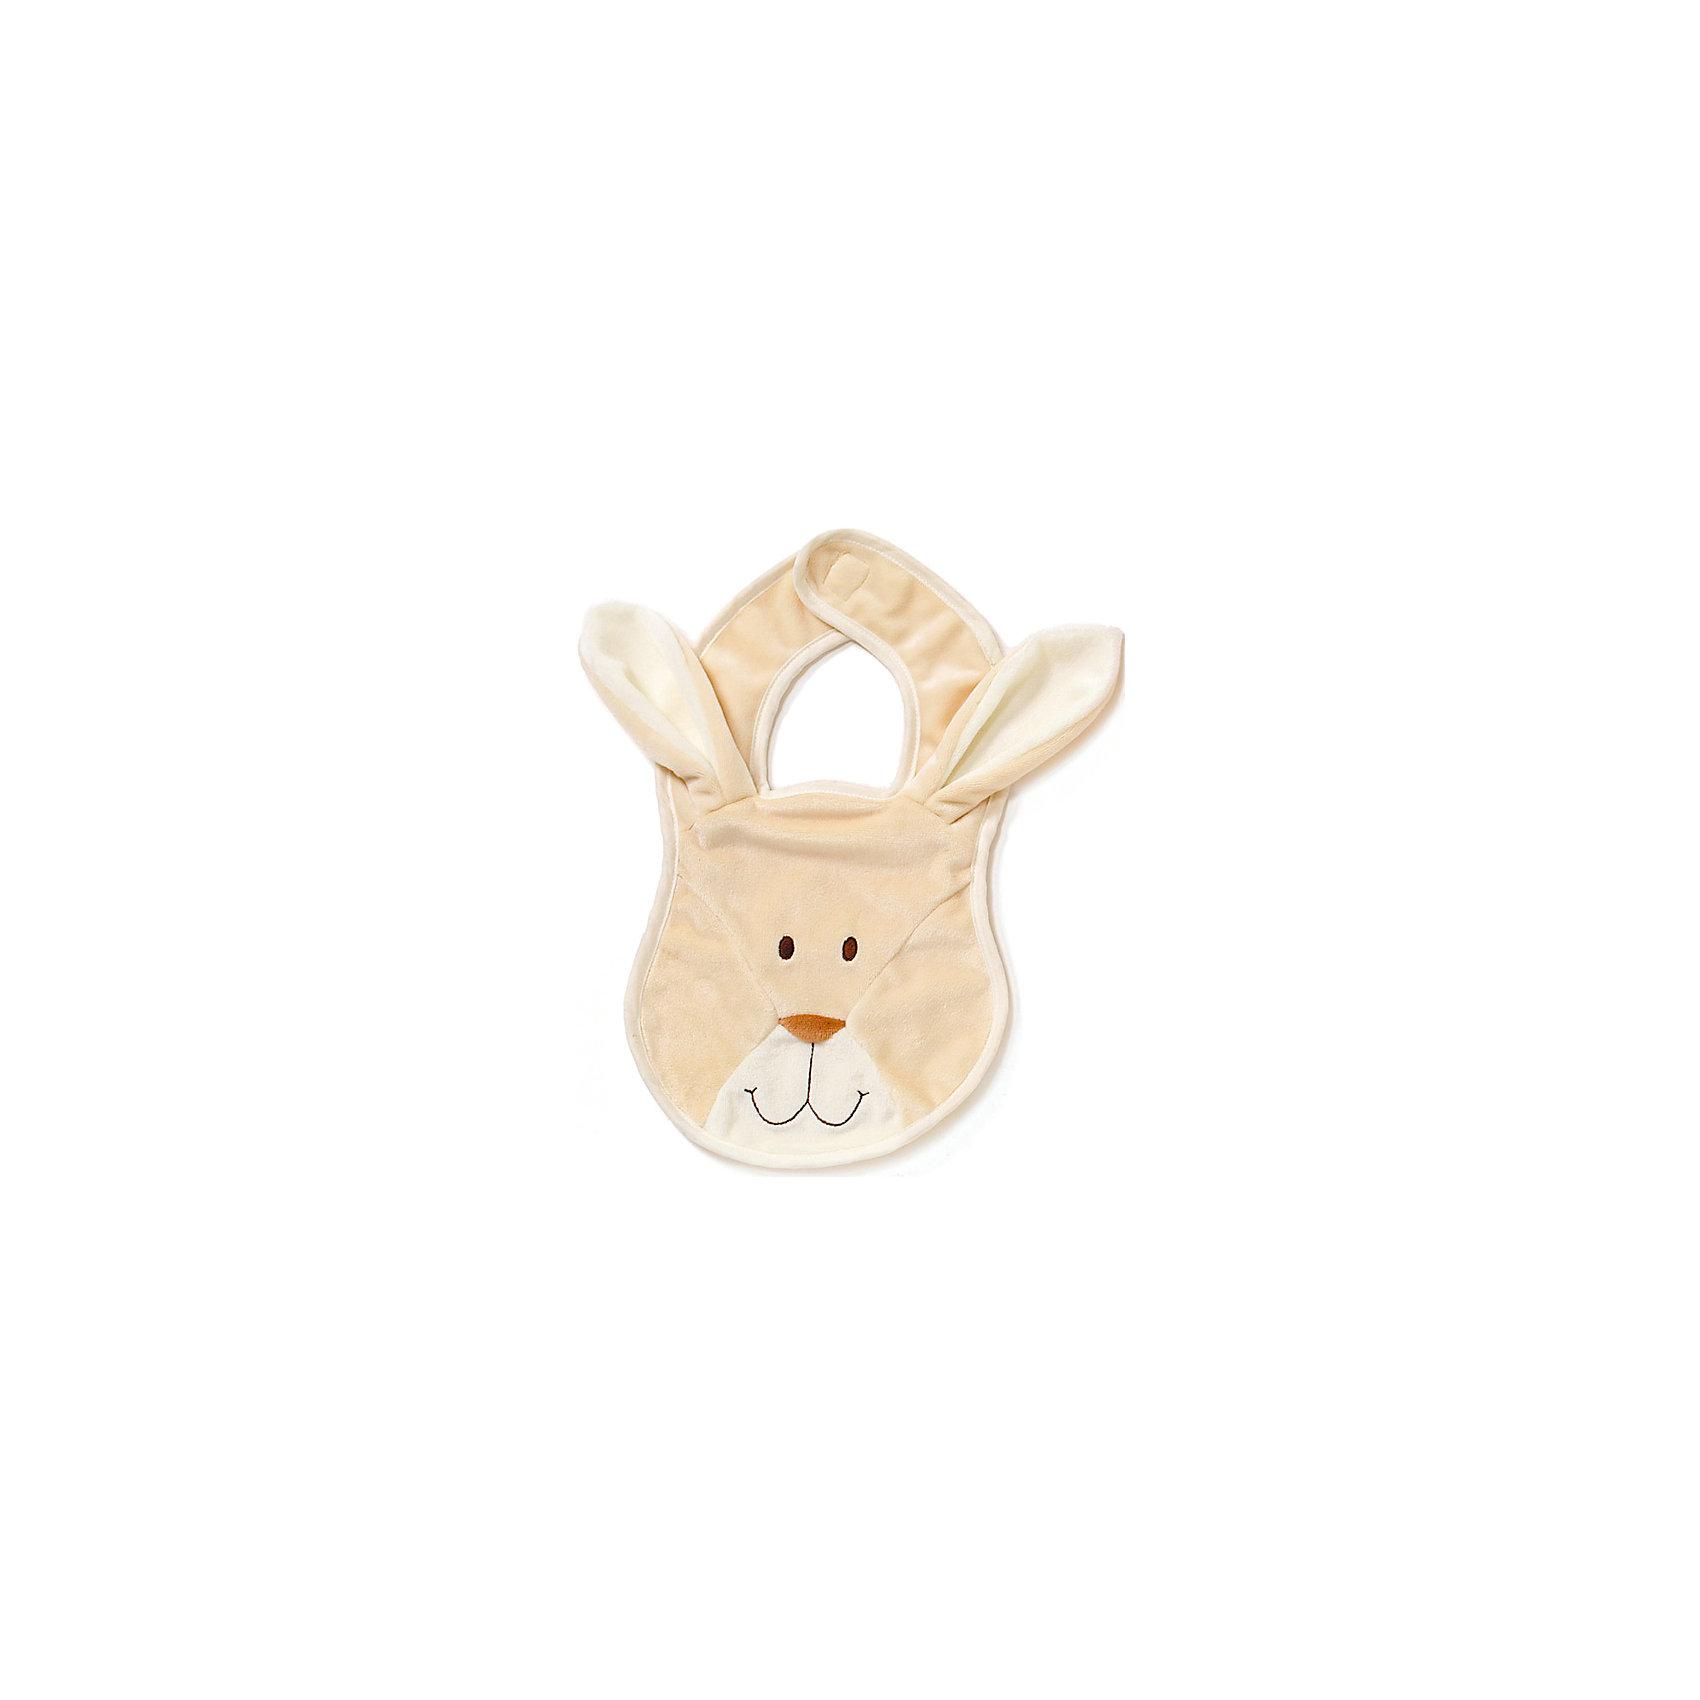 Нагрудник Кролик, ДинглисарНагрудники и салфетки<br>Характеристики нагрудника Teddykompaniet: <br><br>• размер нагрудника: 22 см;<br>• материал: 100% хлопок (безворсовый велюр);<br>• серия: Динглисар;<br>• тип застежки: липучка.<br><br>Аксессуар для кормления «Кролик» с мордочкой забавной зверушки защищает одежду малыша от загрязнений во время приема пищи. На этапе введения прикорма нагрудник Teddykompaniet становится незаменимым другом мамы – проще менять только нагрудник, чем полностью переодевать кроху. Нагрудник с застежкой липучкой, надежно фиксируется. Приятный на ощупь велюровый материал гипоаллергенный, абсолютно безопасен для здоровья ребенка.<br><br>Нагрудник Кролик, Динглисар можно купить в нашем интернет-магазине.<br><br>Ширина мм: 100<br>Глубина мм: 50<br>Высота мм: 100<br>Вес г: 100<br>Возраст от месяцев: 0<br>Возраст до месяцев: 12<br>Пол: Унисекс<br>Возраст: Детский<br>SKU: 5219522